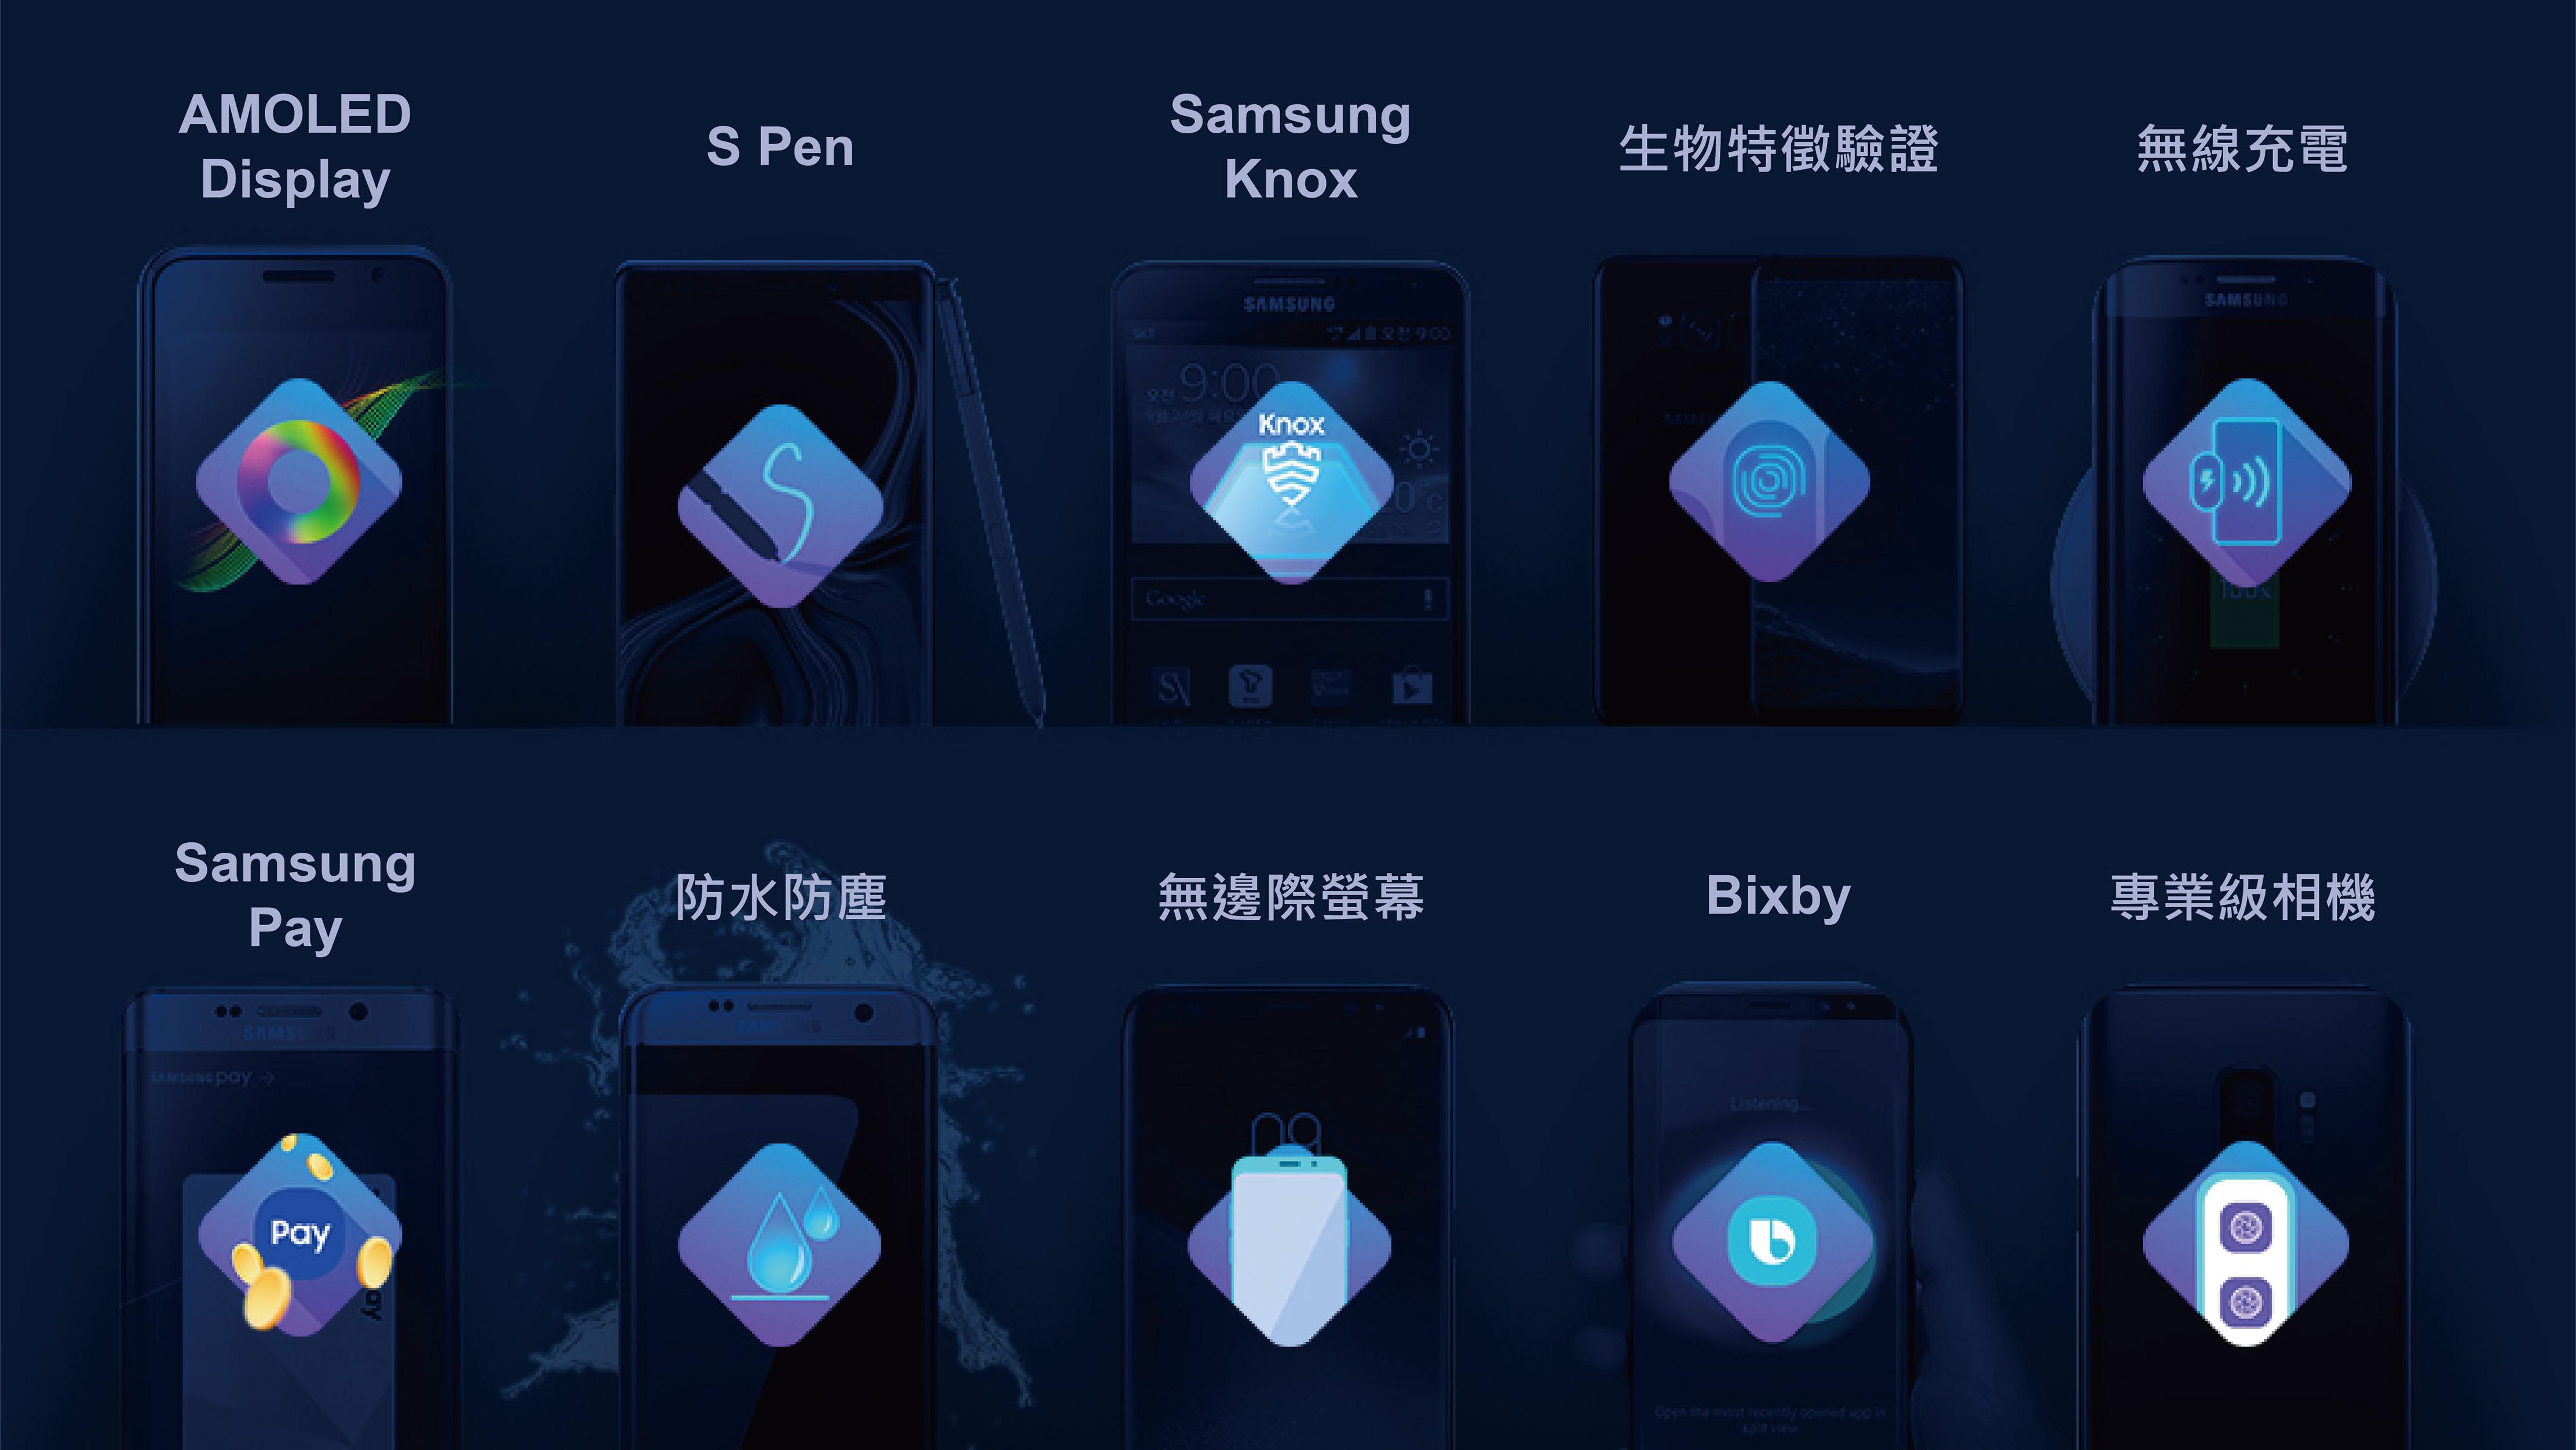 【转载】集十年之大成:Samsung Galaxy 系列十大创新亮点回顾 1